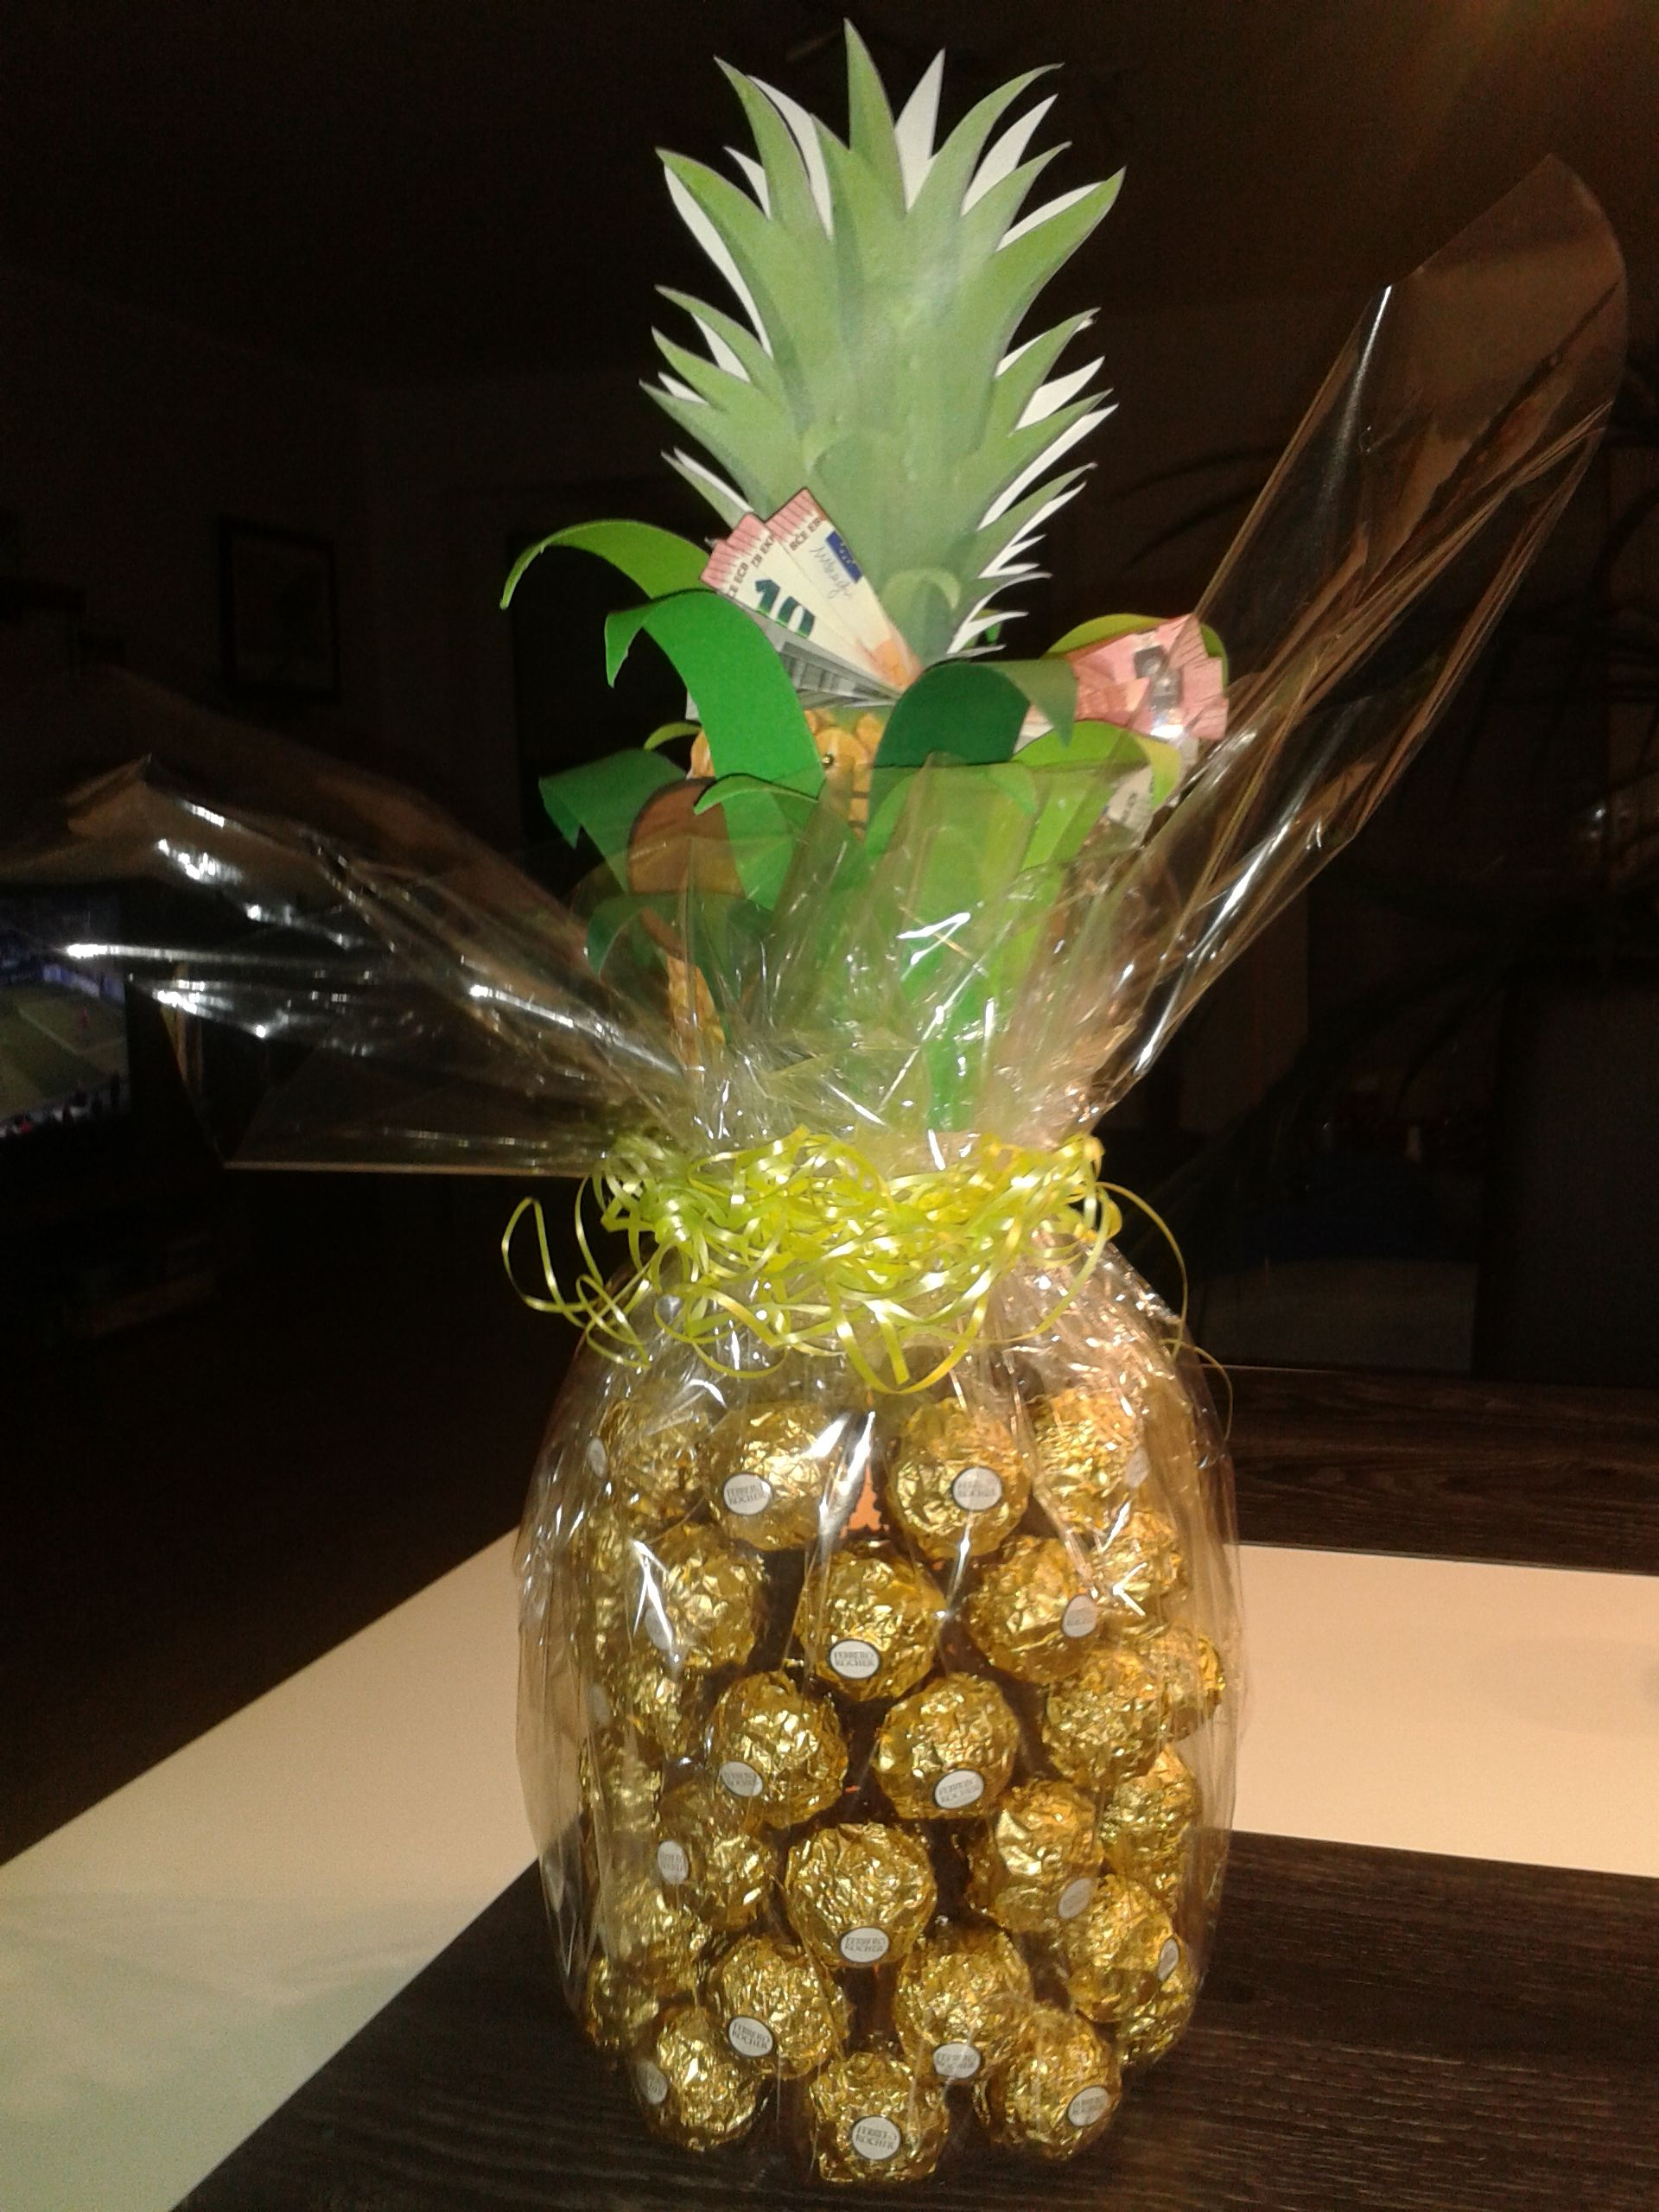 ananas sektflasche karte geldgeschenk geldgeschenk pinterest geldgeschenke geschenkideen. Black Bedroom Furniture Sets. Home Design Ideas